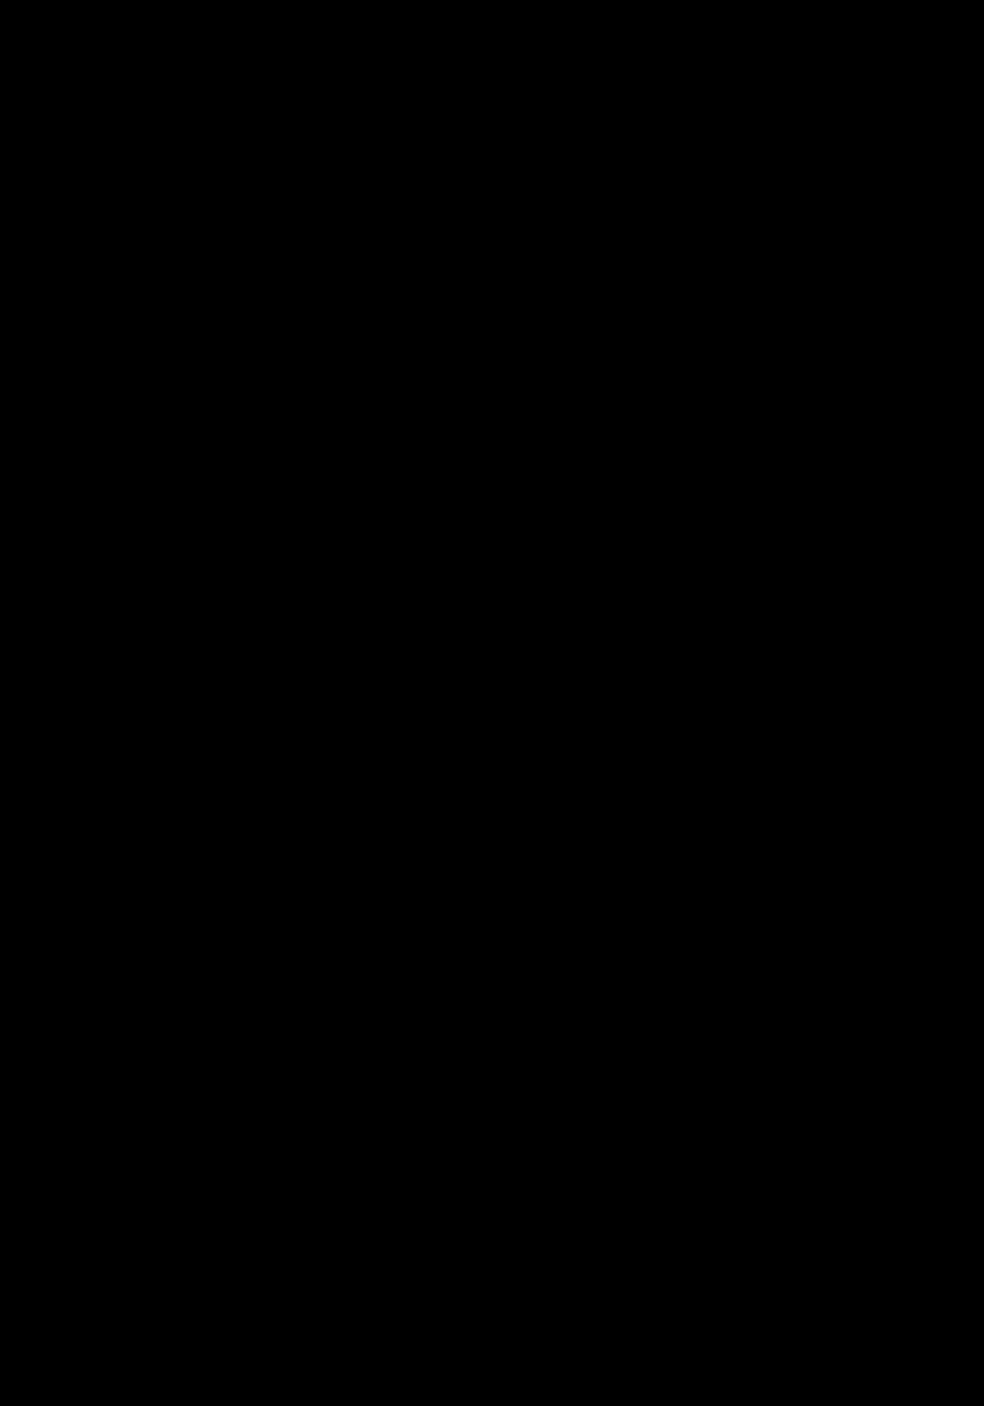 アンチック(中見出し幼児用かな) KF-E 横組見本